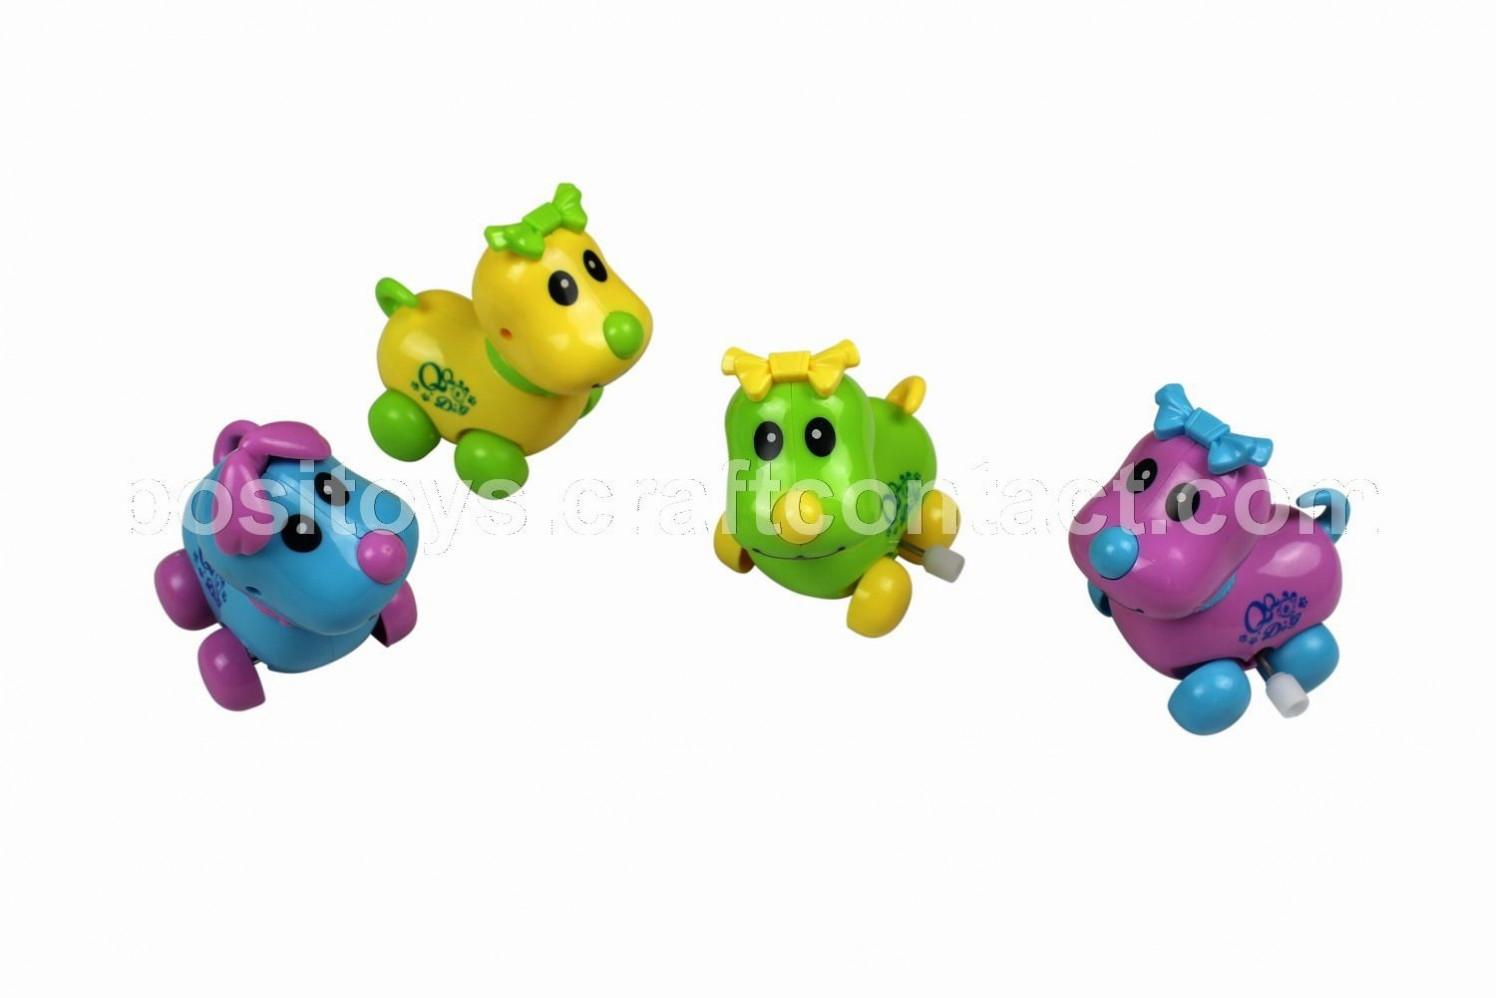 上链QQ狗澄海环保动物宠物玩具可作广告促销礼品推广赠品纪念品